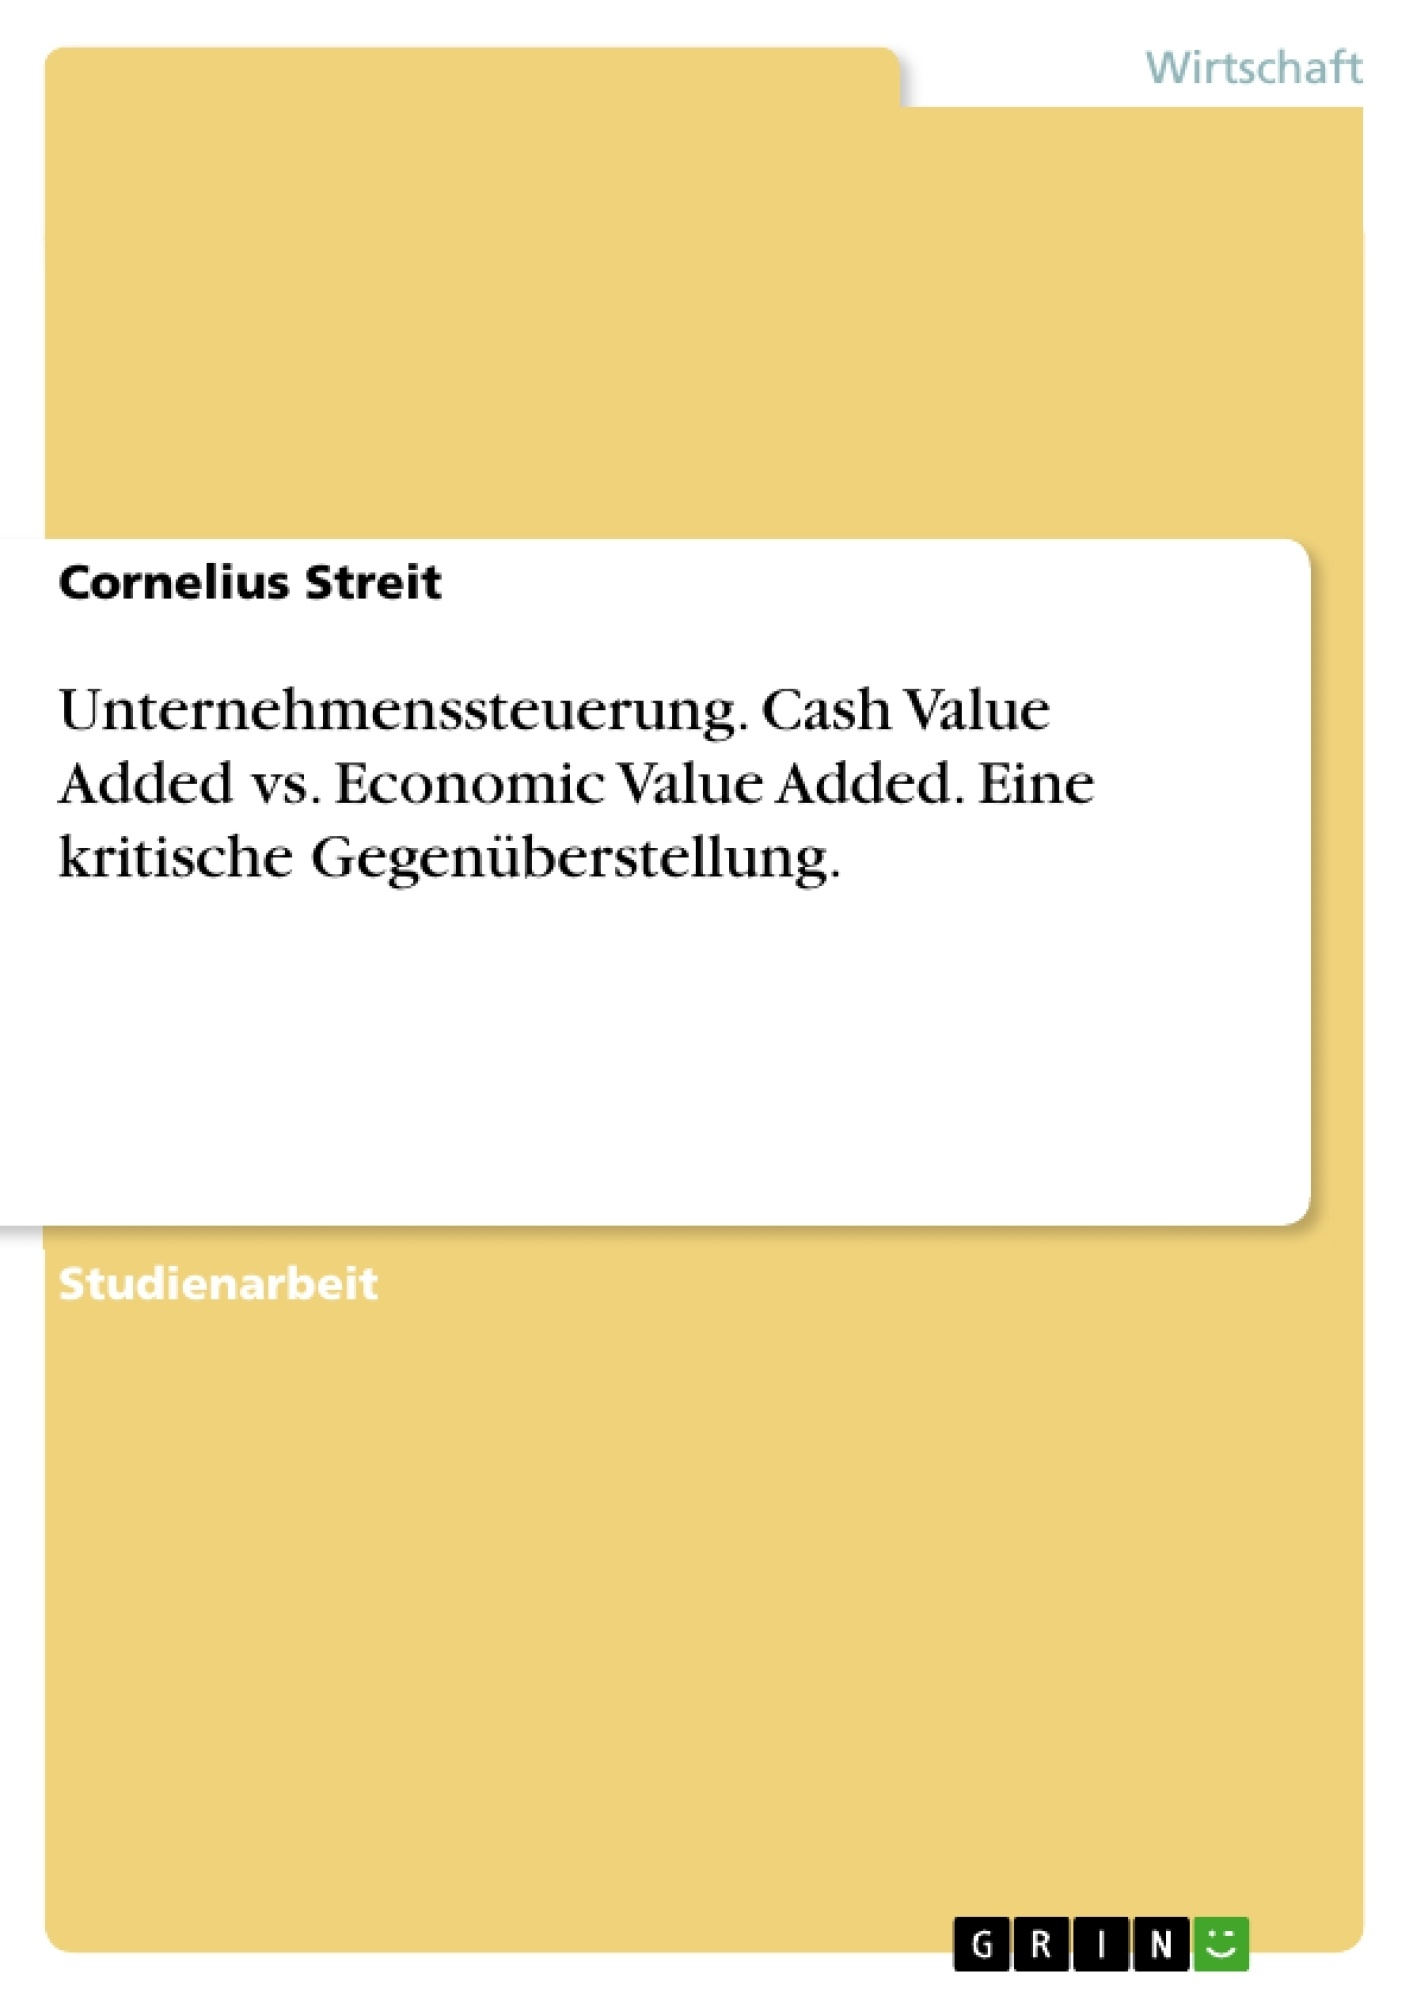 Titel: Unternehmenssteuerung. Cash Value Added vs. Economic Value Added. Eine kritische Gegenüberstellung.